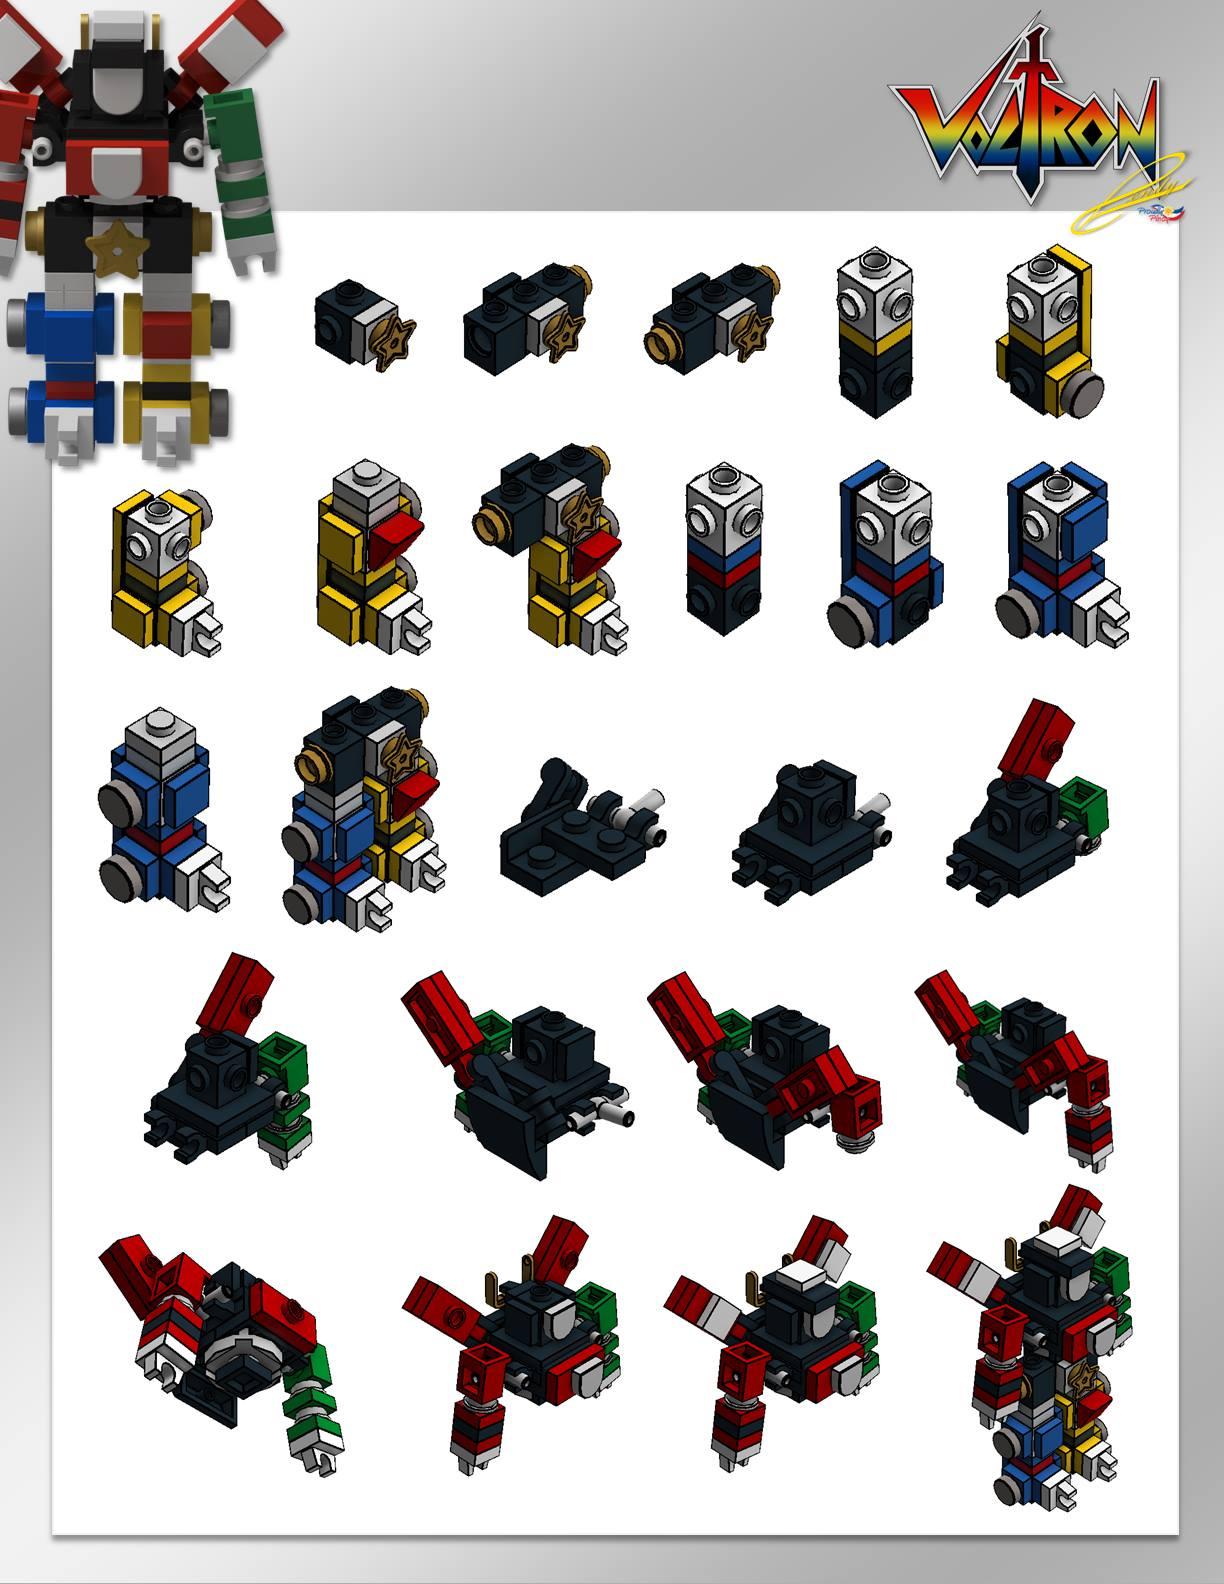 mini-lego-voltron-anleitung-len-d69-creations zusammengebaut.com